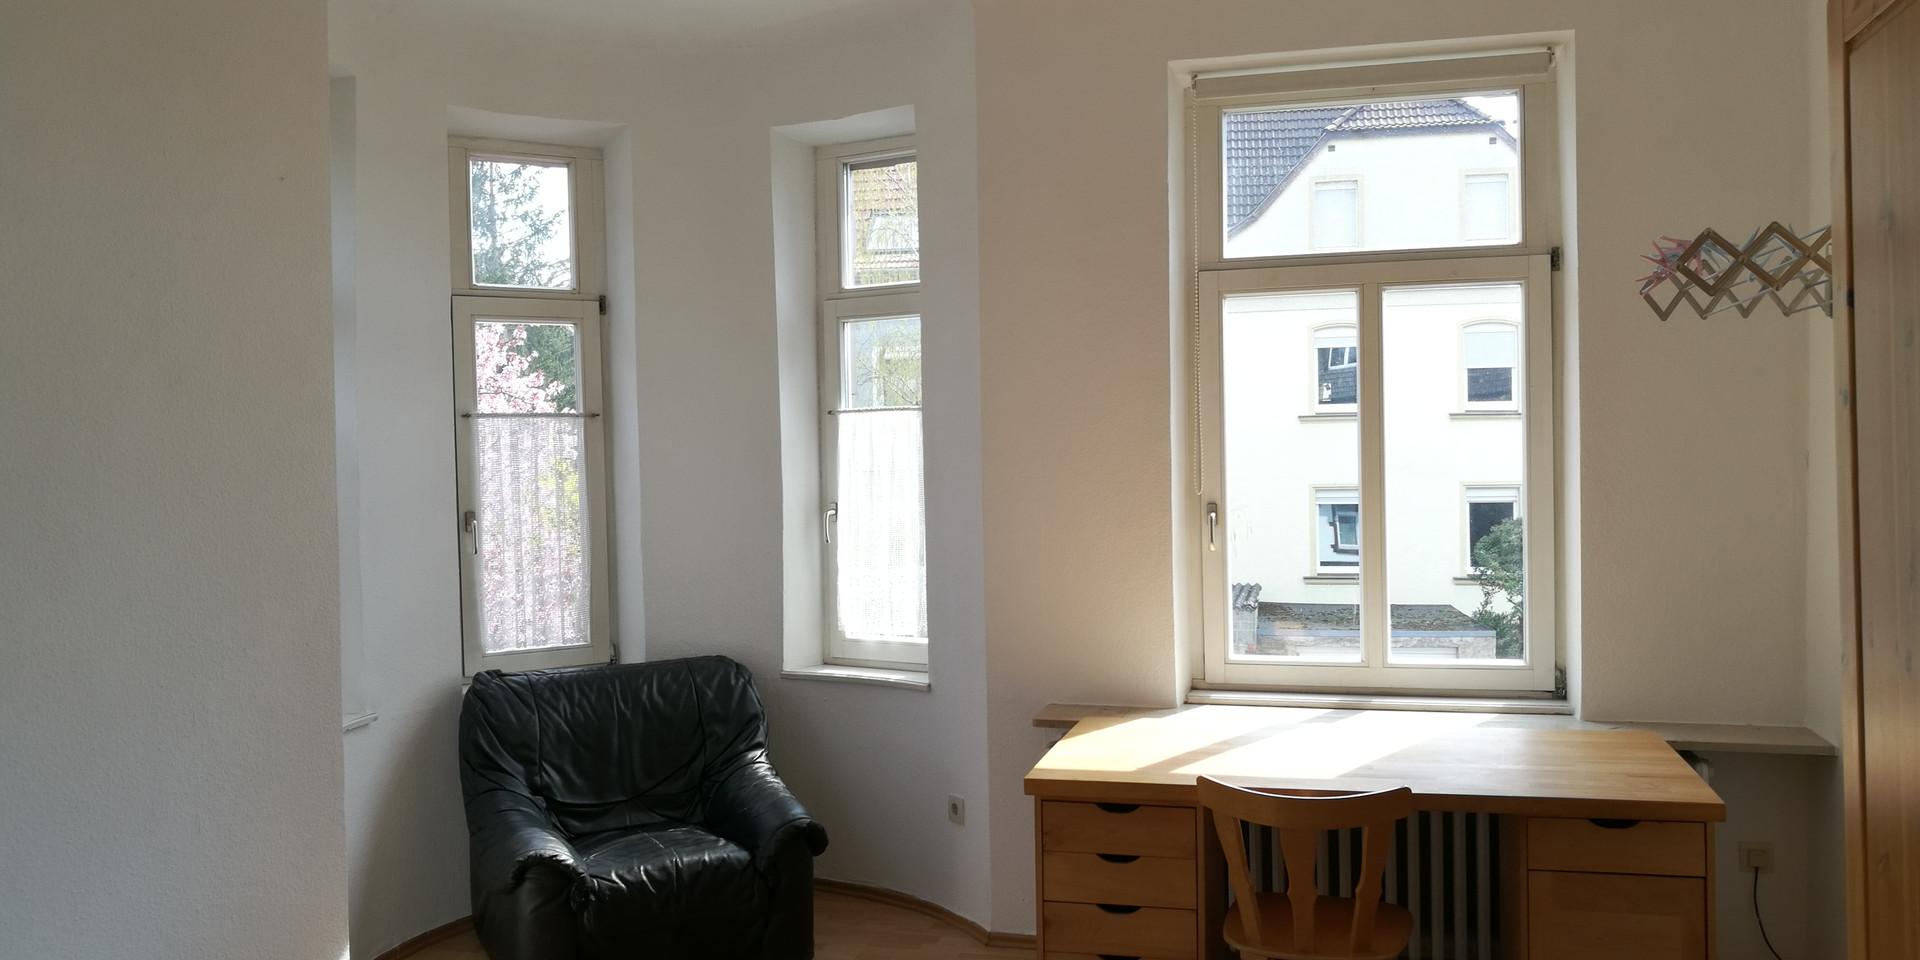 Zimmer 1.1